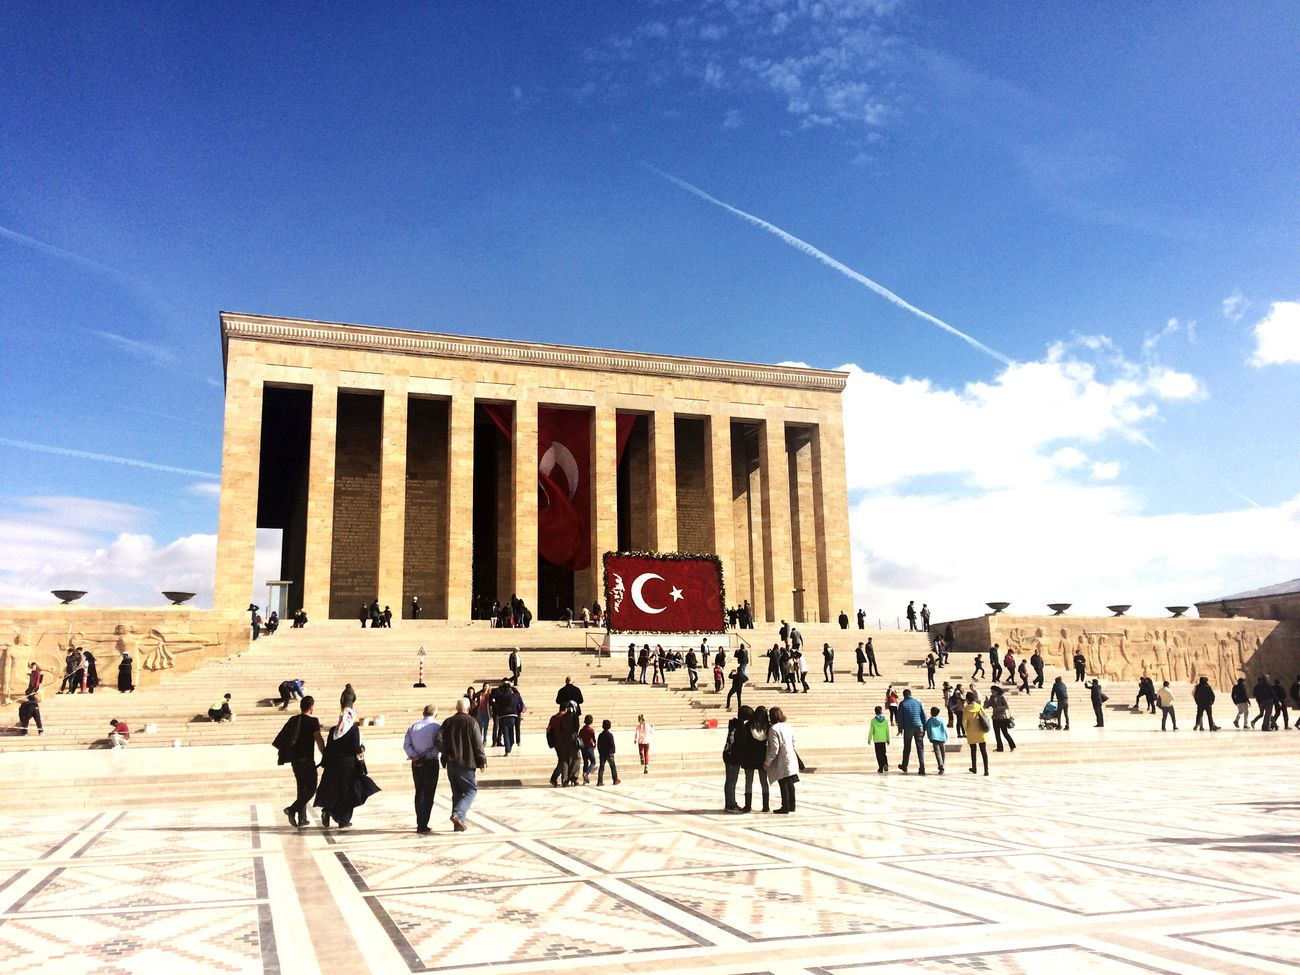 Ne Mutlu Türk'üm Diyene ! How happy to say Turkish! Ankara Türkiye Anıtkabir Anıtkabirdeyiz Ankara MustafaKemalAtatürk Turk BayrakSereftir